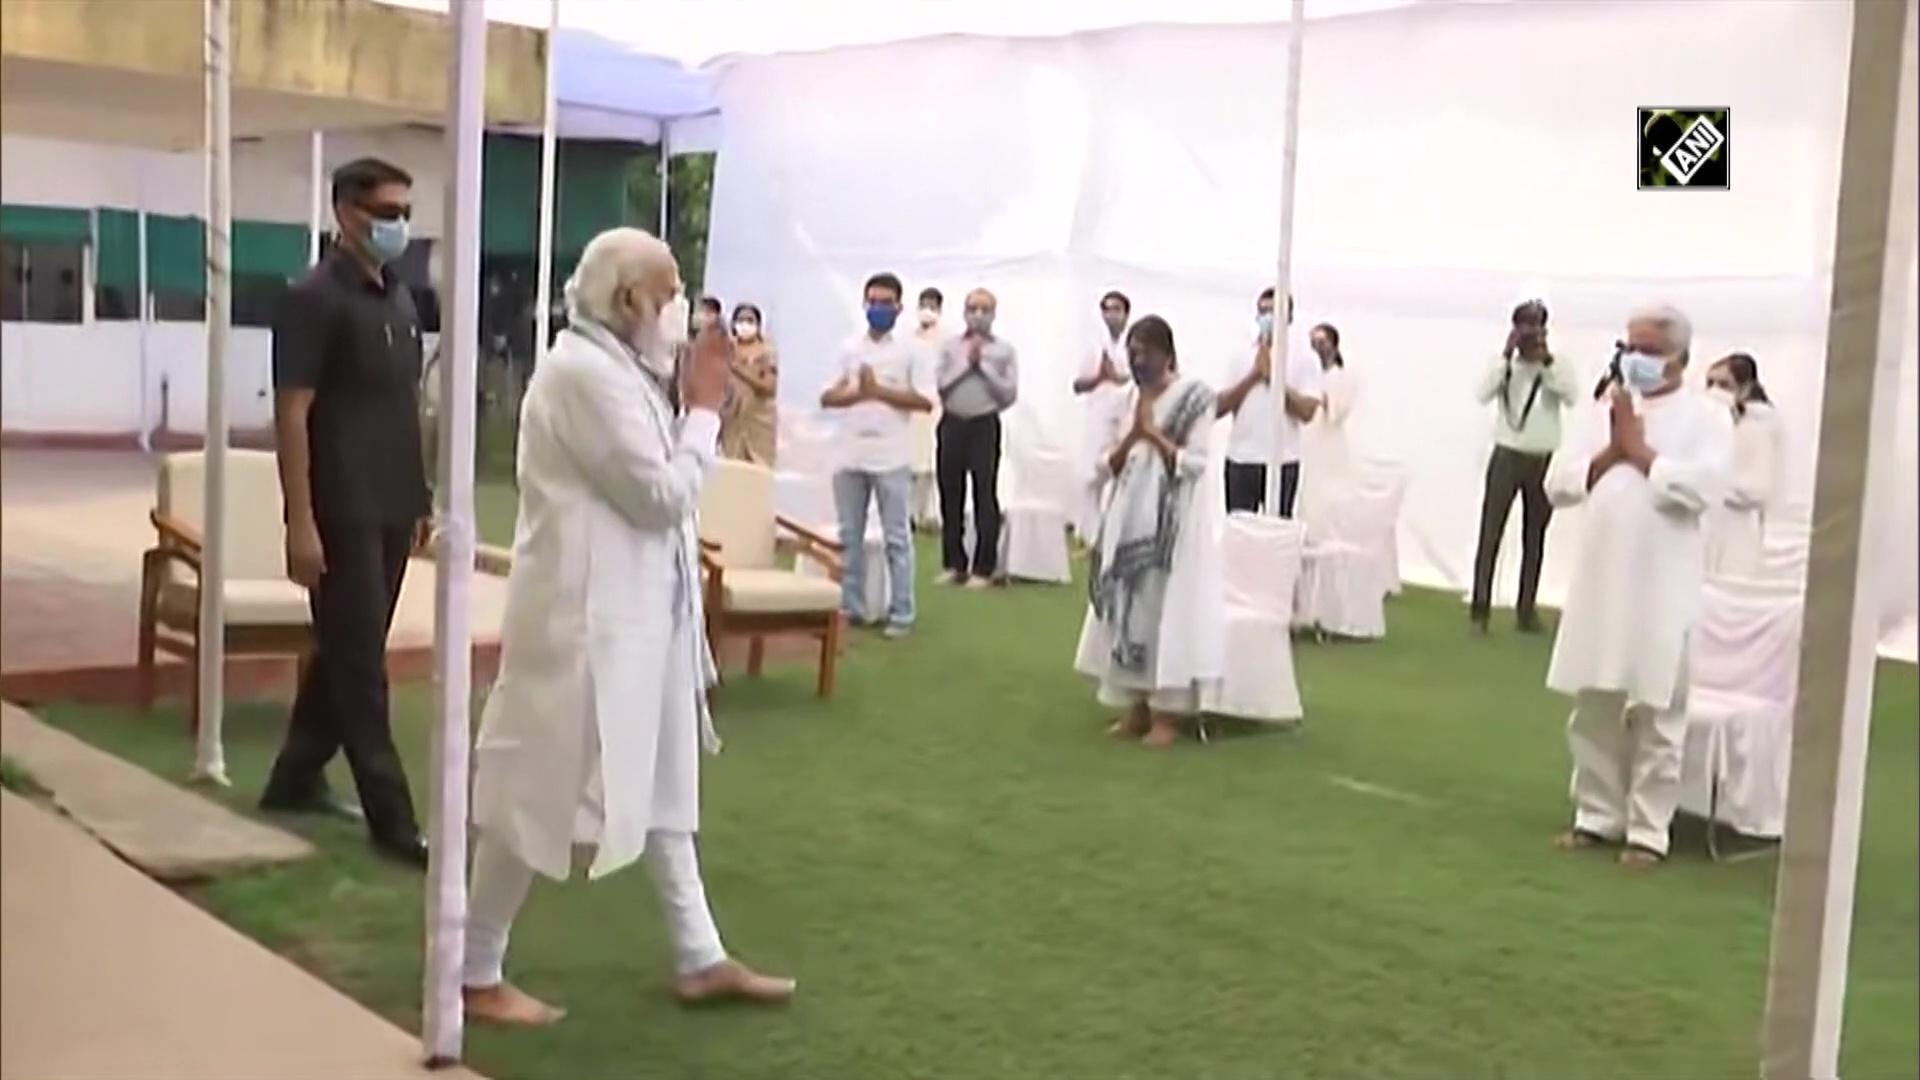 PM Modi pays tribute to former Gujarat CM Keshubhai Patel at his residence in Gandhinagar